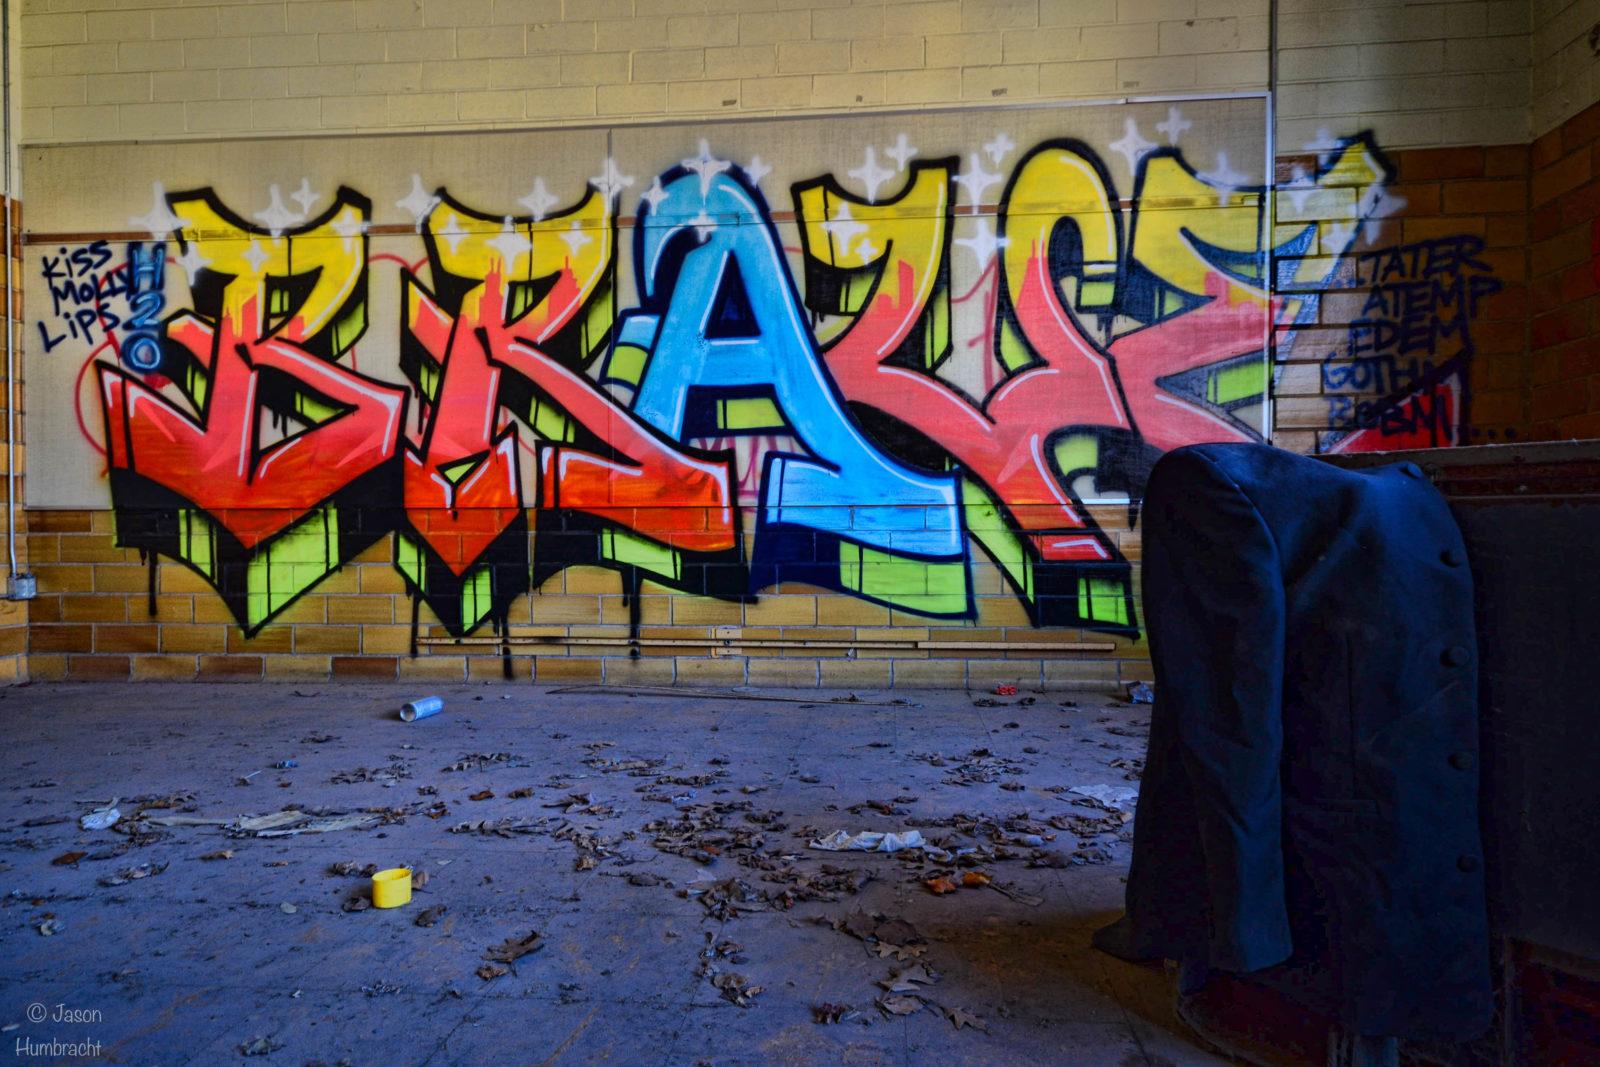 rentreescolaire lycee lieuxabandonnes urbex explorationurbaine radar allurbanmakers highschool amphitheatre jhumbracht veste graffiti - De la maternelle à la fac, découvrez les plus belles écoles abandonnées !